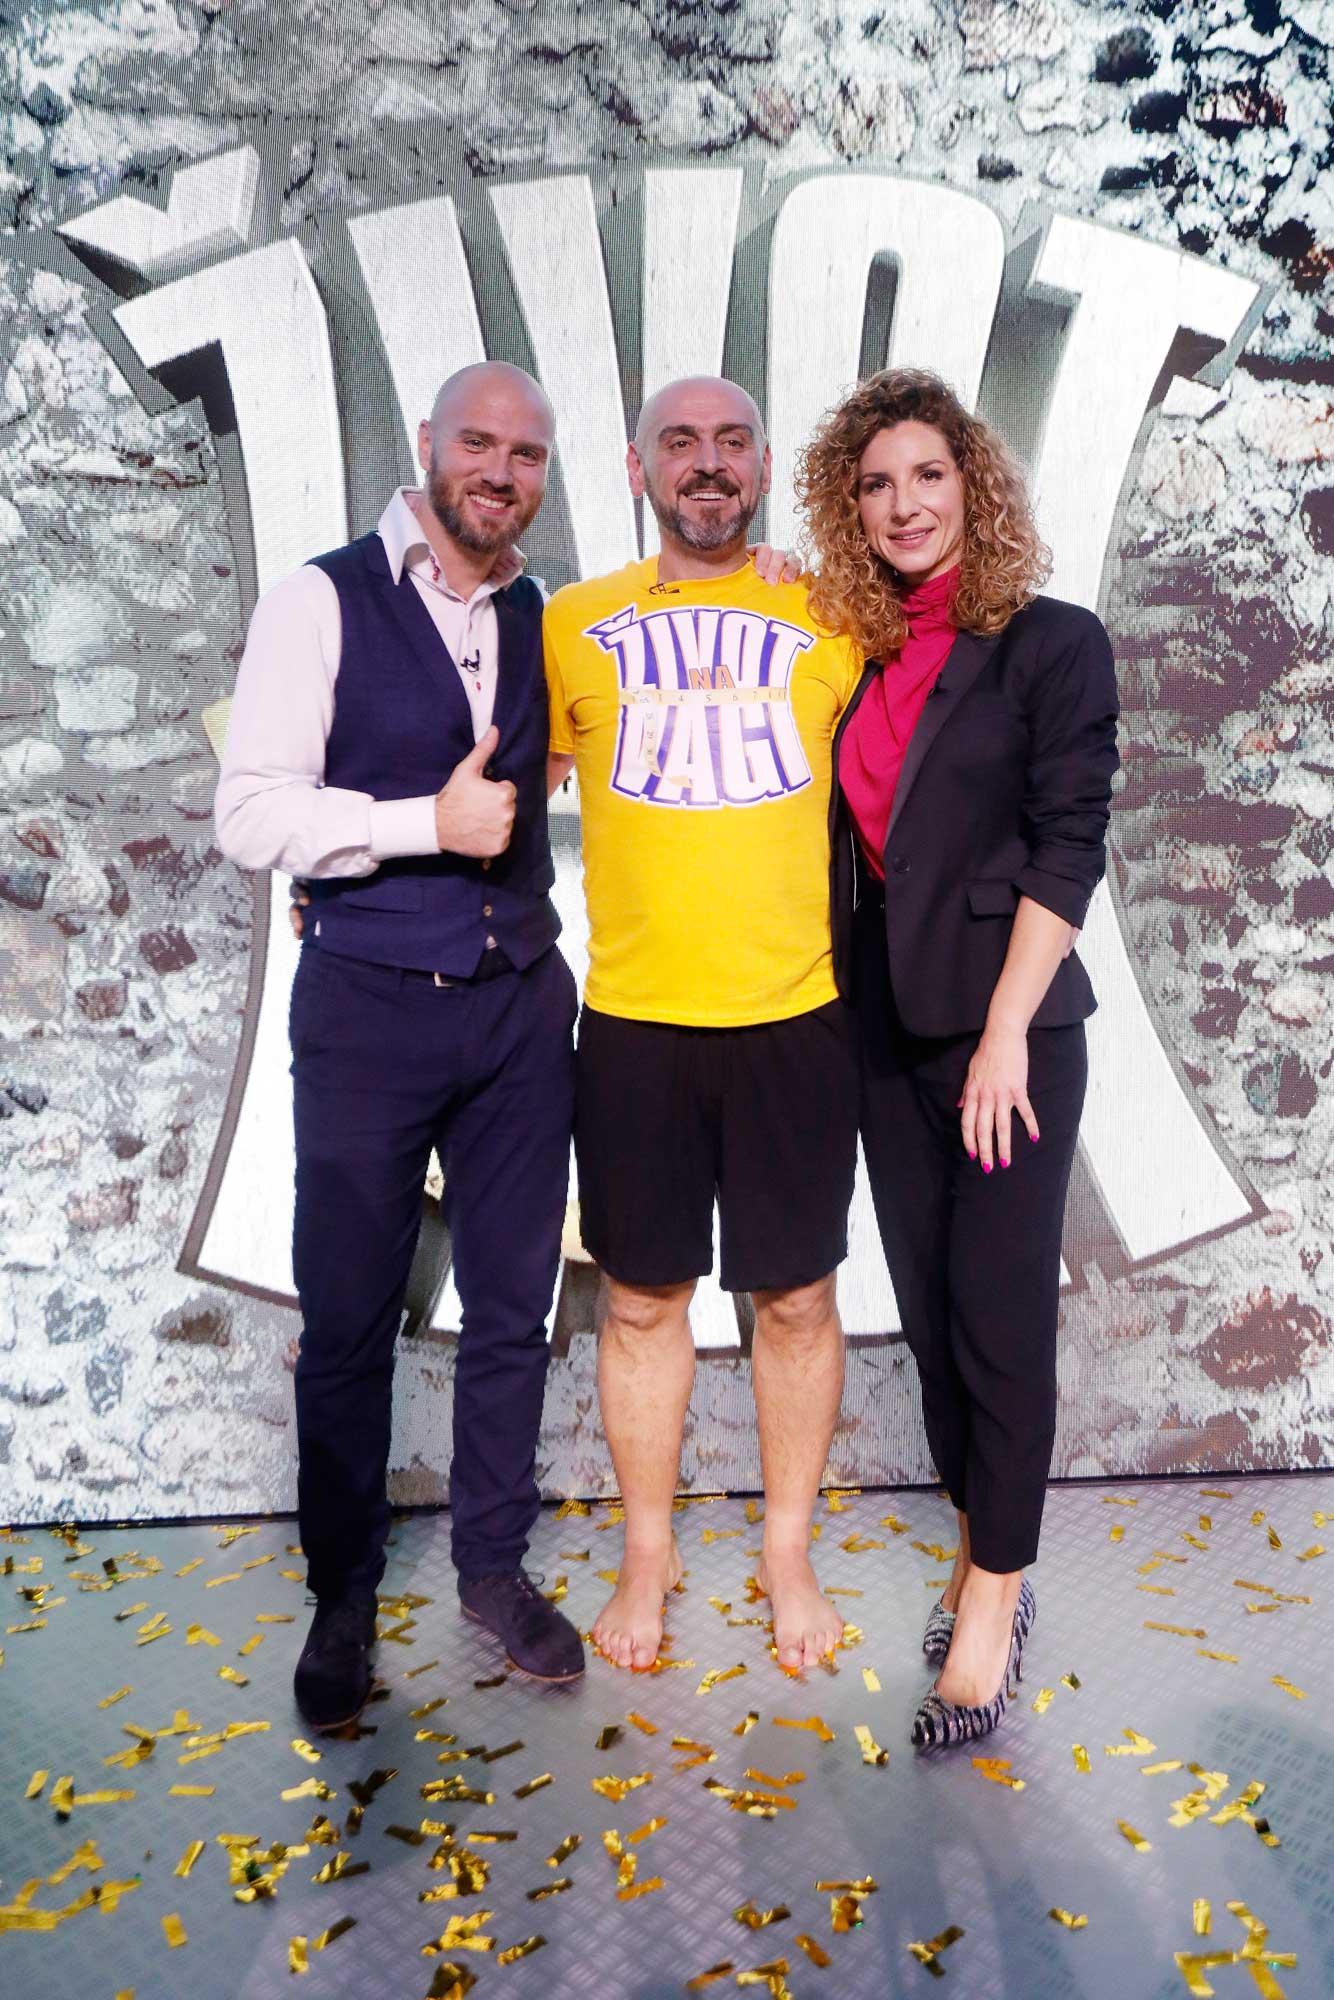 Pobjednik Roko s trenerima Edinom i Majom